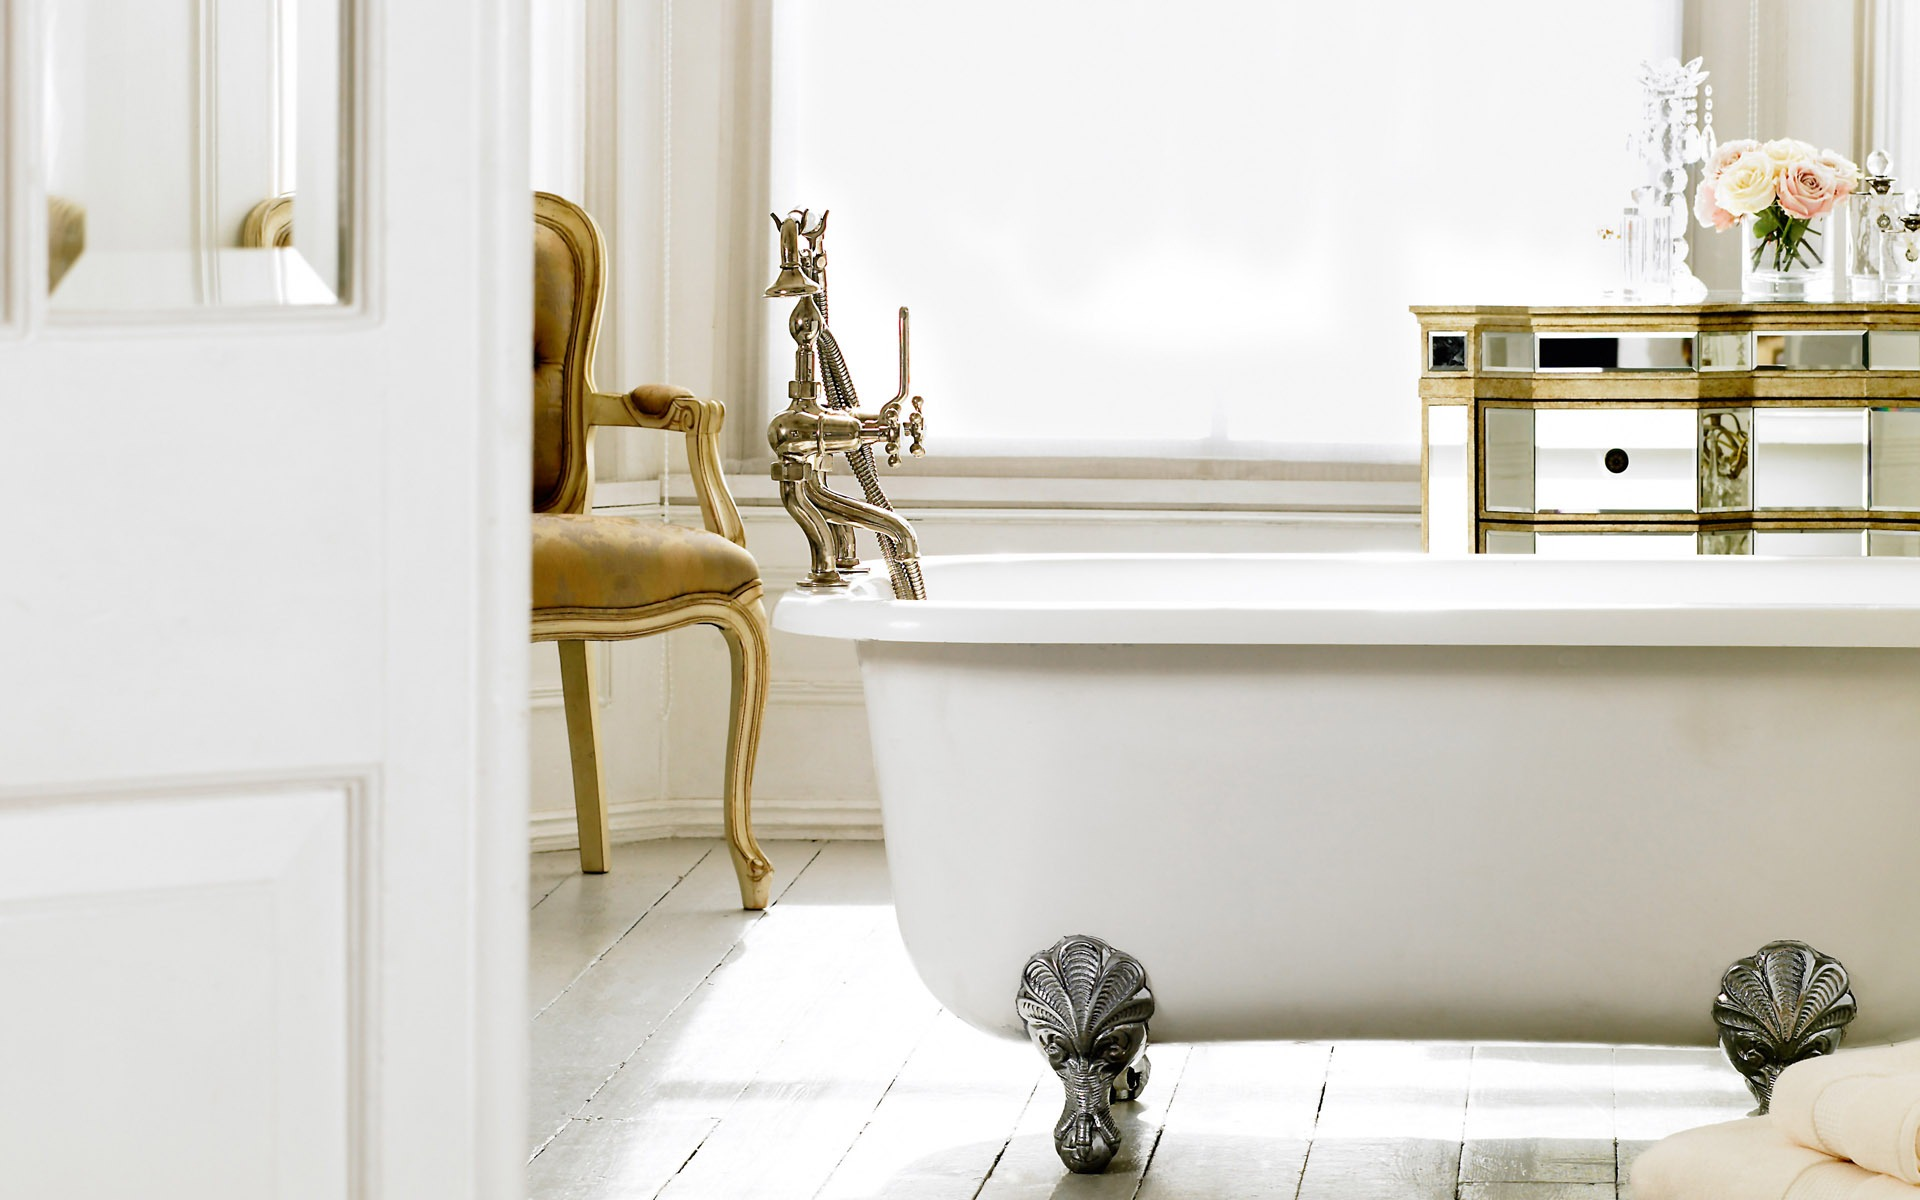 fond d 39 cran photo salle de bain 3 16 1920x1200 fond d 39 cran t l charger fond d 39 cran. Black Bedroom Furniture Sets. Home Design Ideas